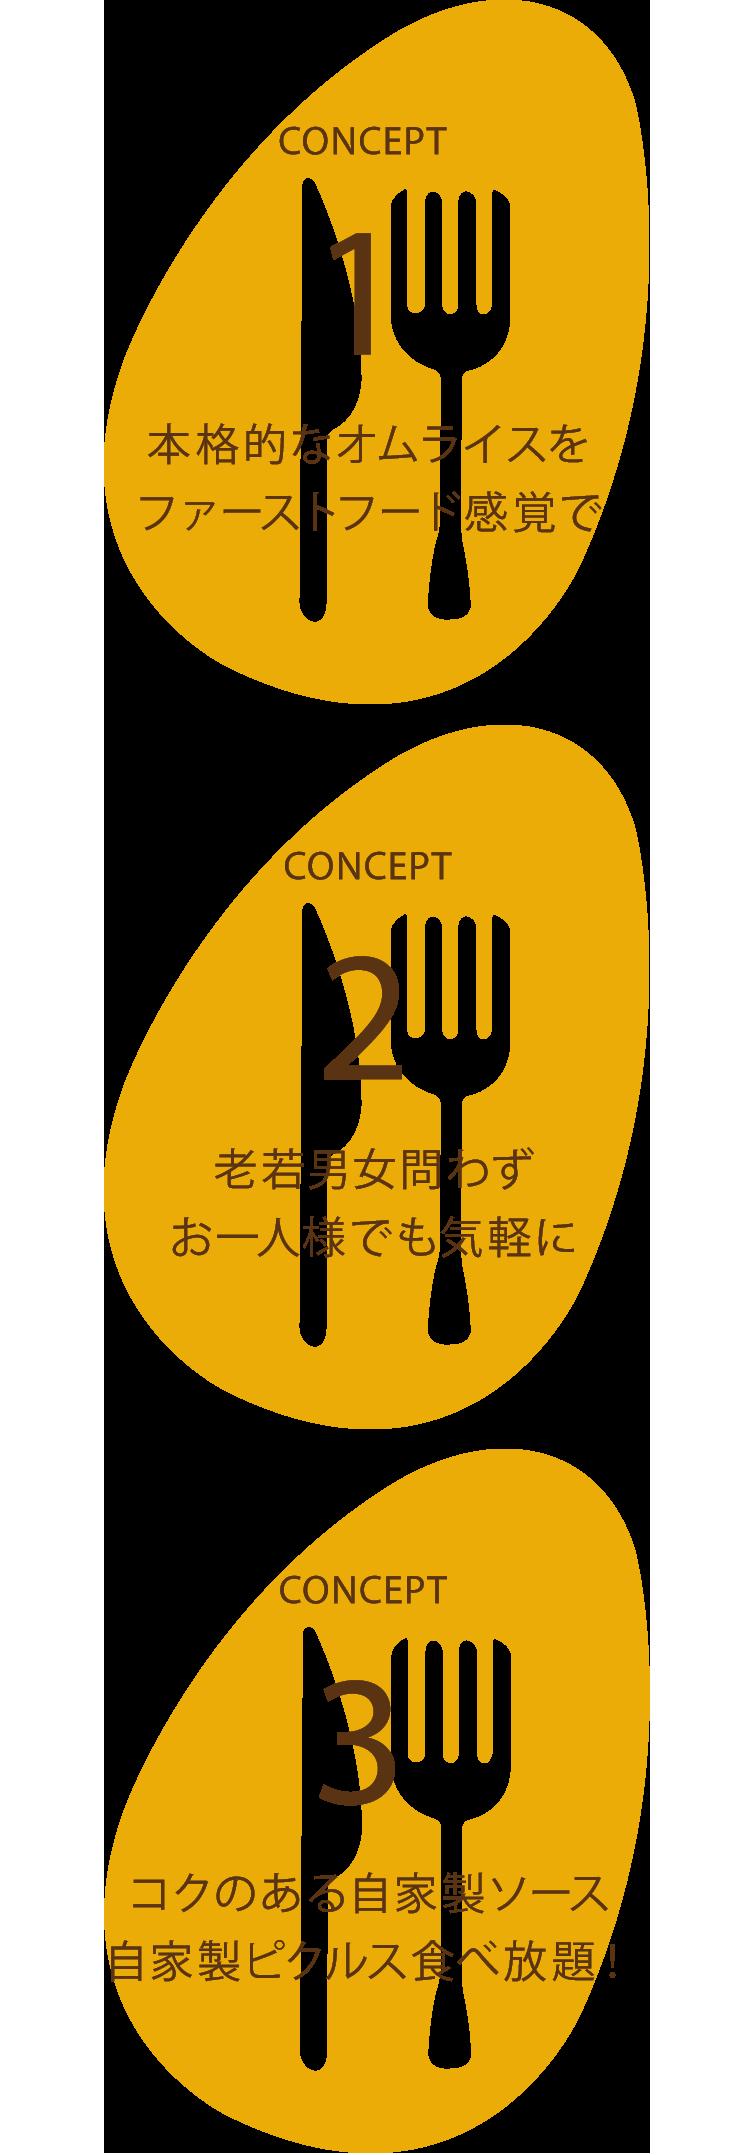 神田たまごけんのコンセプト